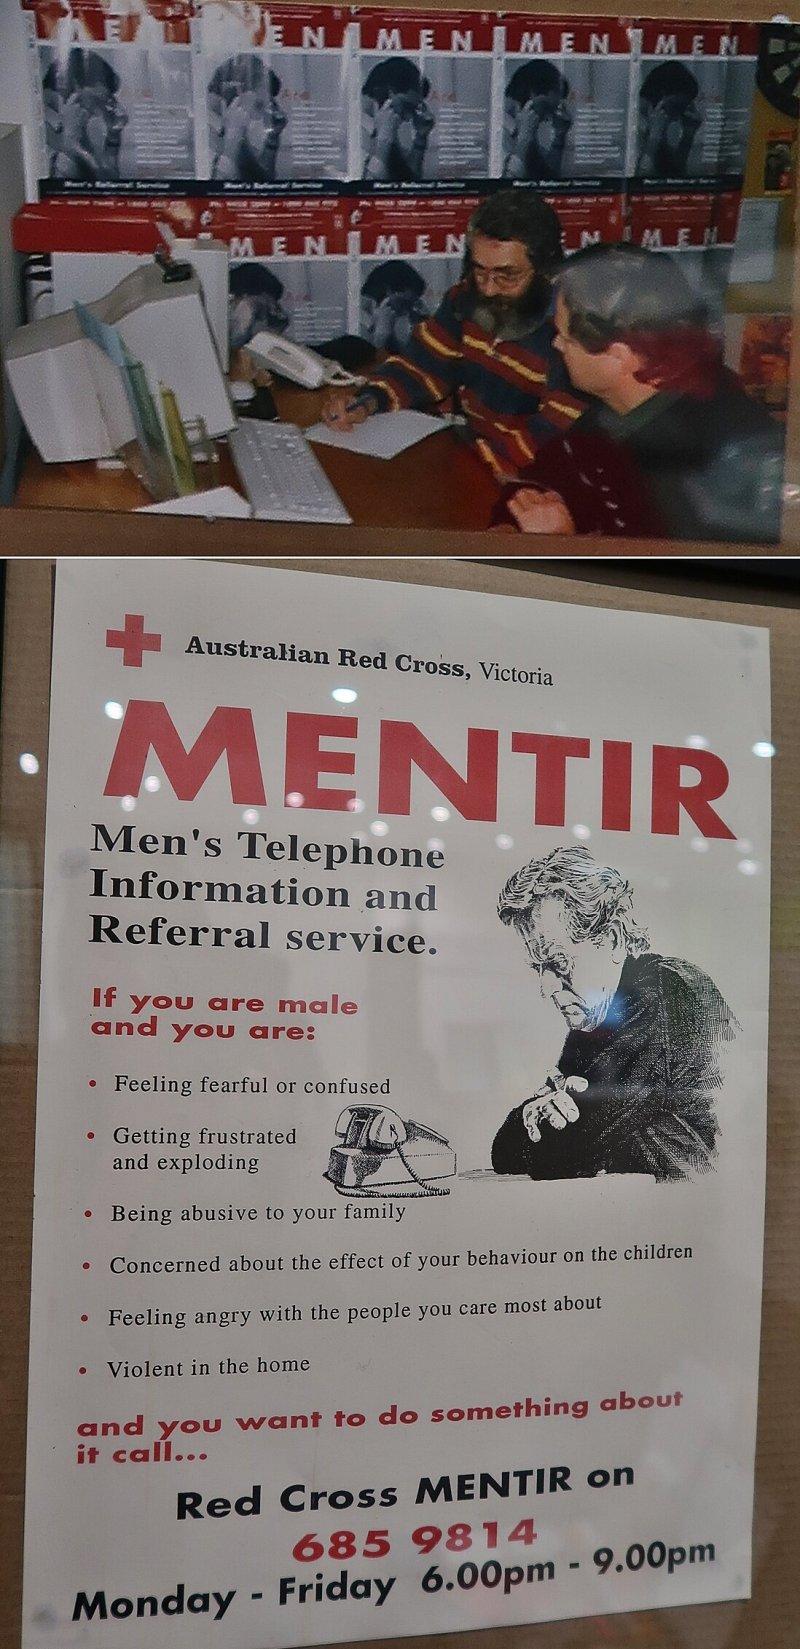 초기 상담실 모습. 전화를 걸어온 남성들이 더 솔직한 이야기를 털어놓도록 한때 남성 상담원들만이 전화를 받았지만, 몇해 전부터 여성 상담원들도 함께 전화를 받고 있다.